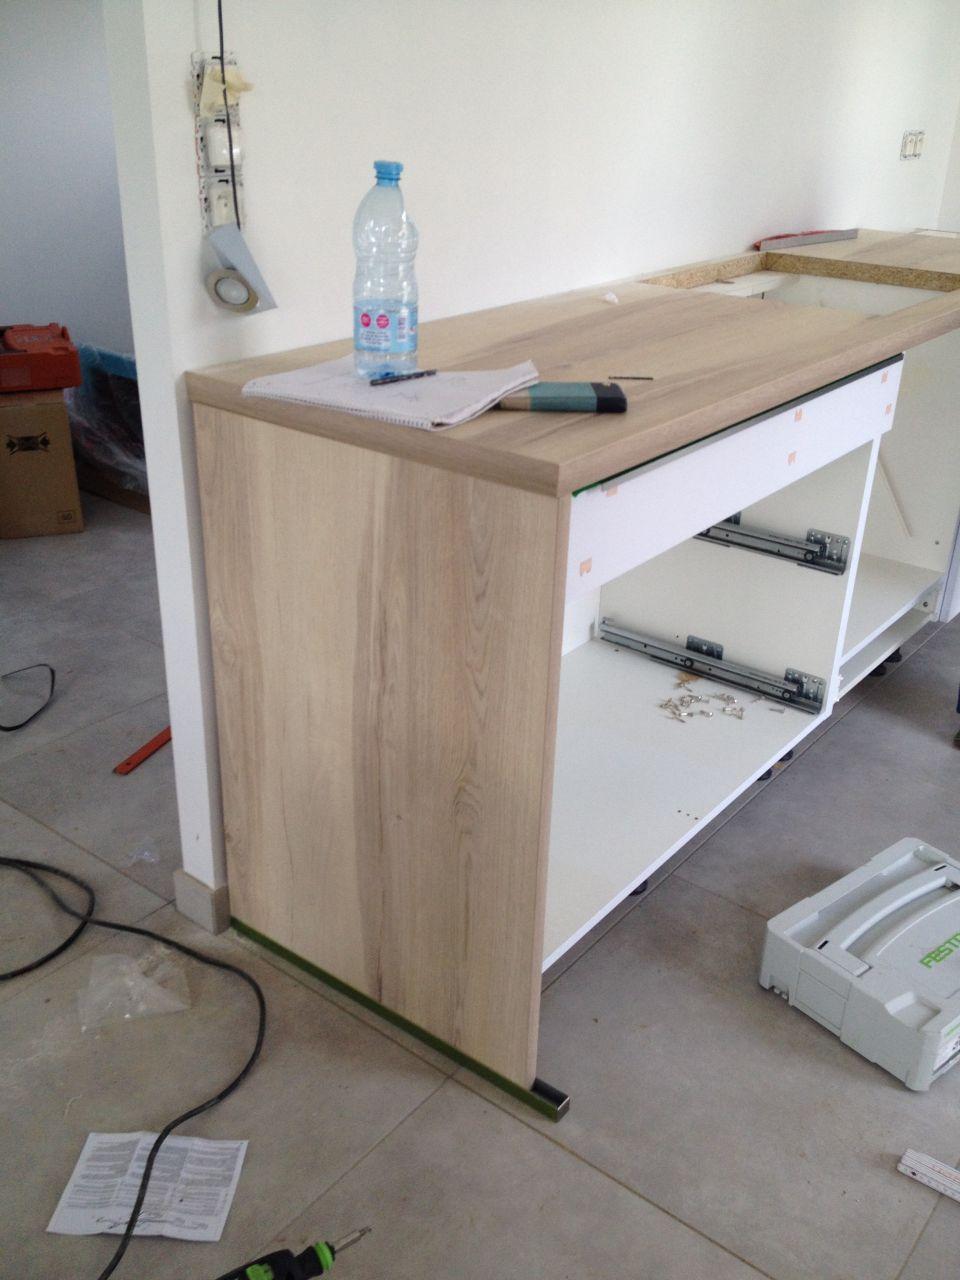 Pose de la cuisine blanche et plan de travail imitation chêne clair FLY NOBILIA